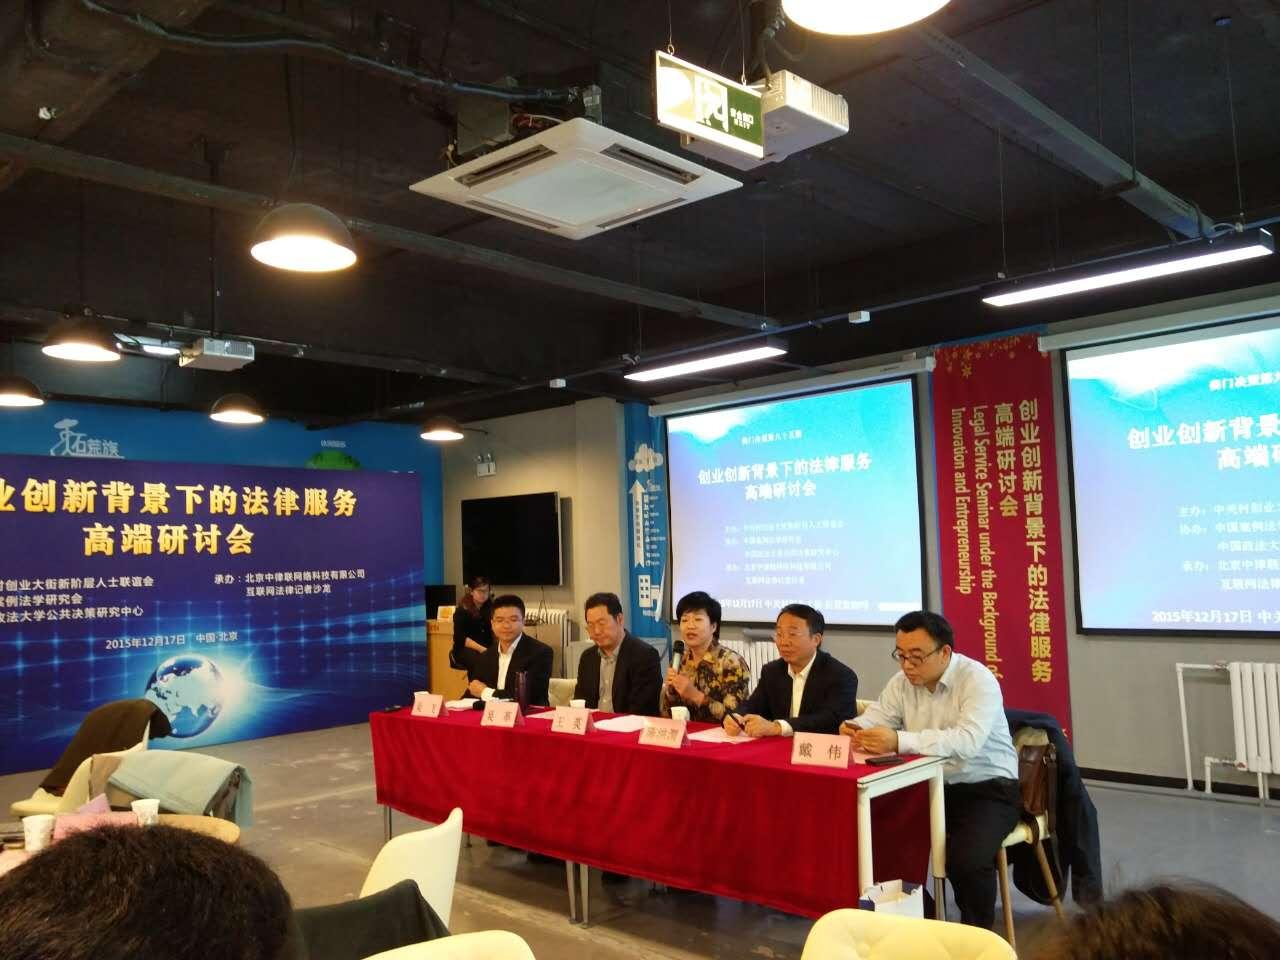 举办创业创新背景下的法律服务研讨会